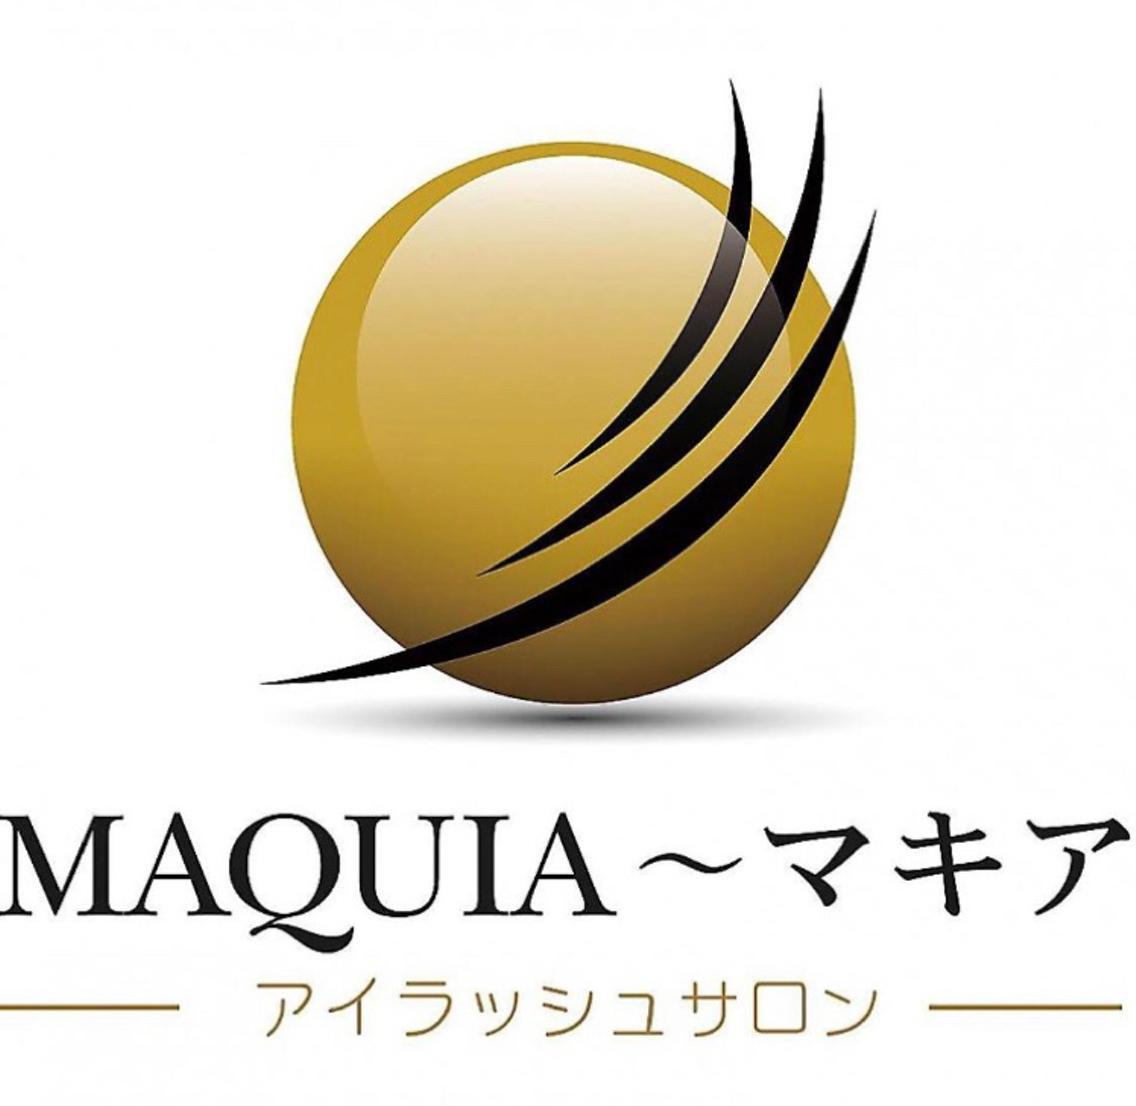 マキア福島駅前所属・MAQUIA福島駅前 折笠の掲載